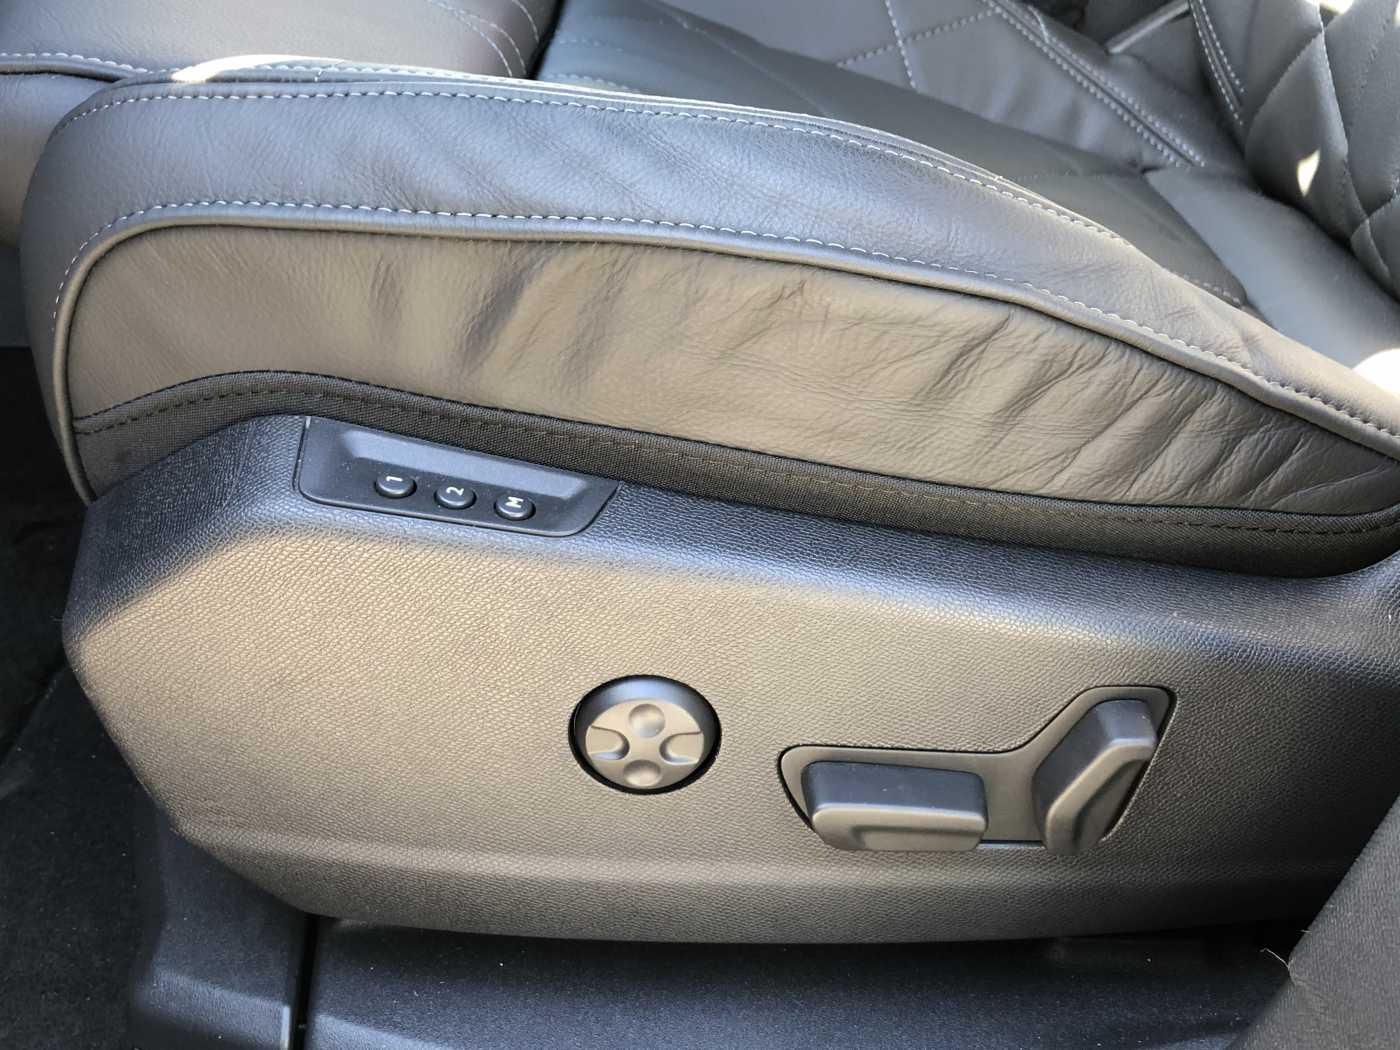 DS 7 Crossback DS 7 BlueHDi 130 aut. Business